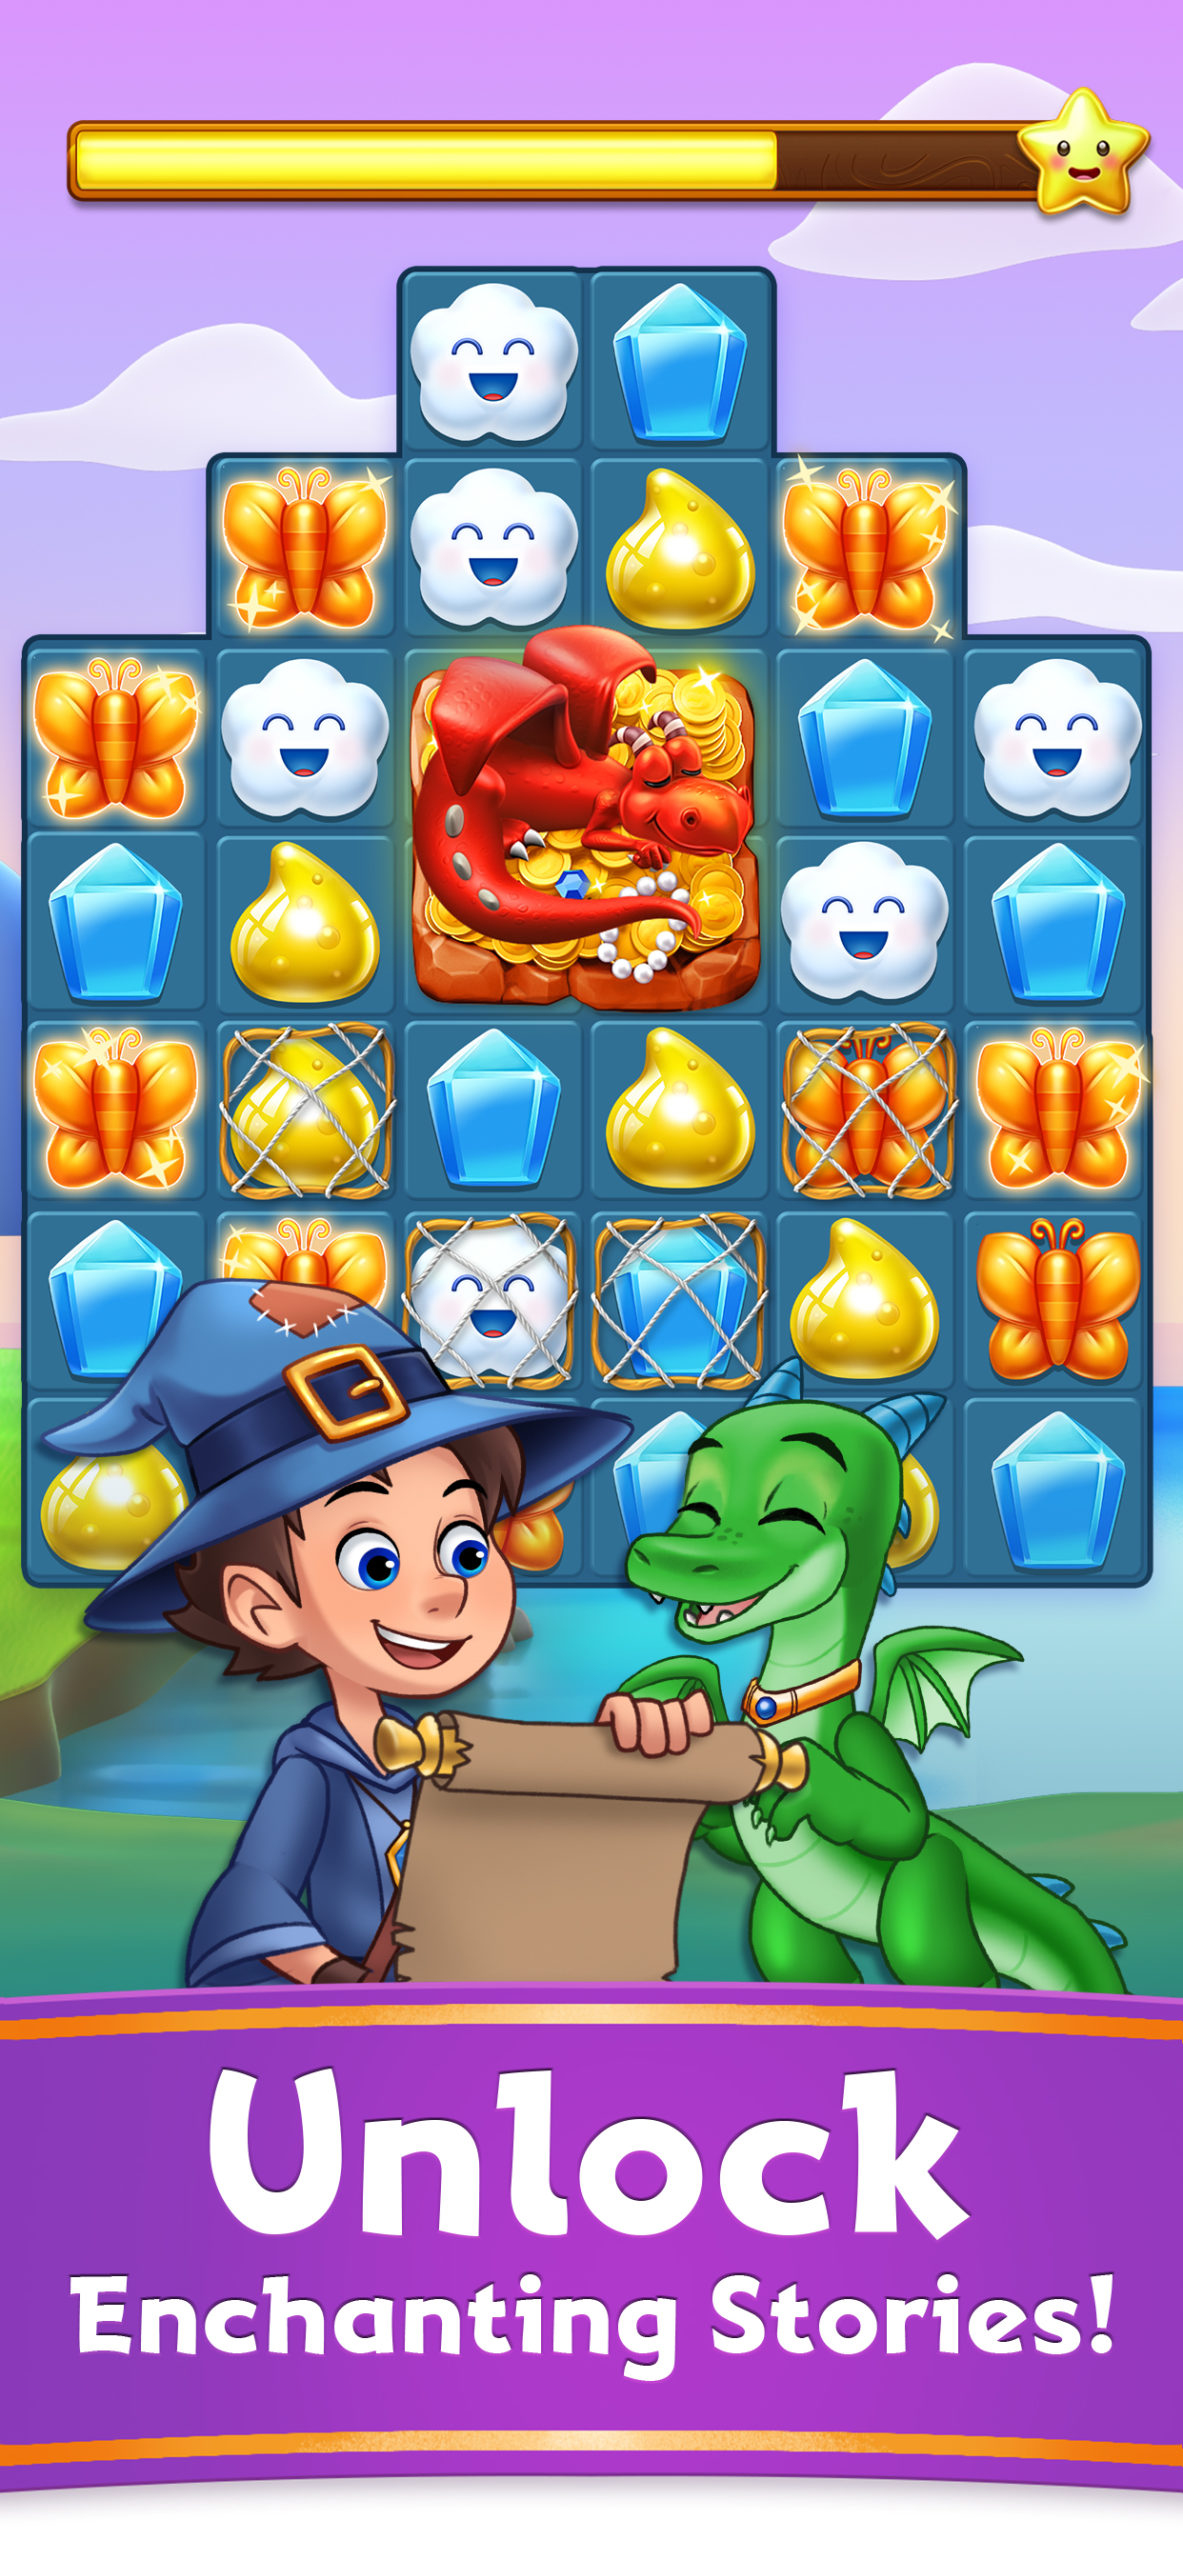 02_Tales-iOS_1242x2688_EN